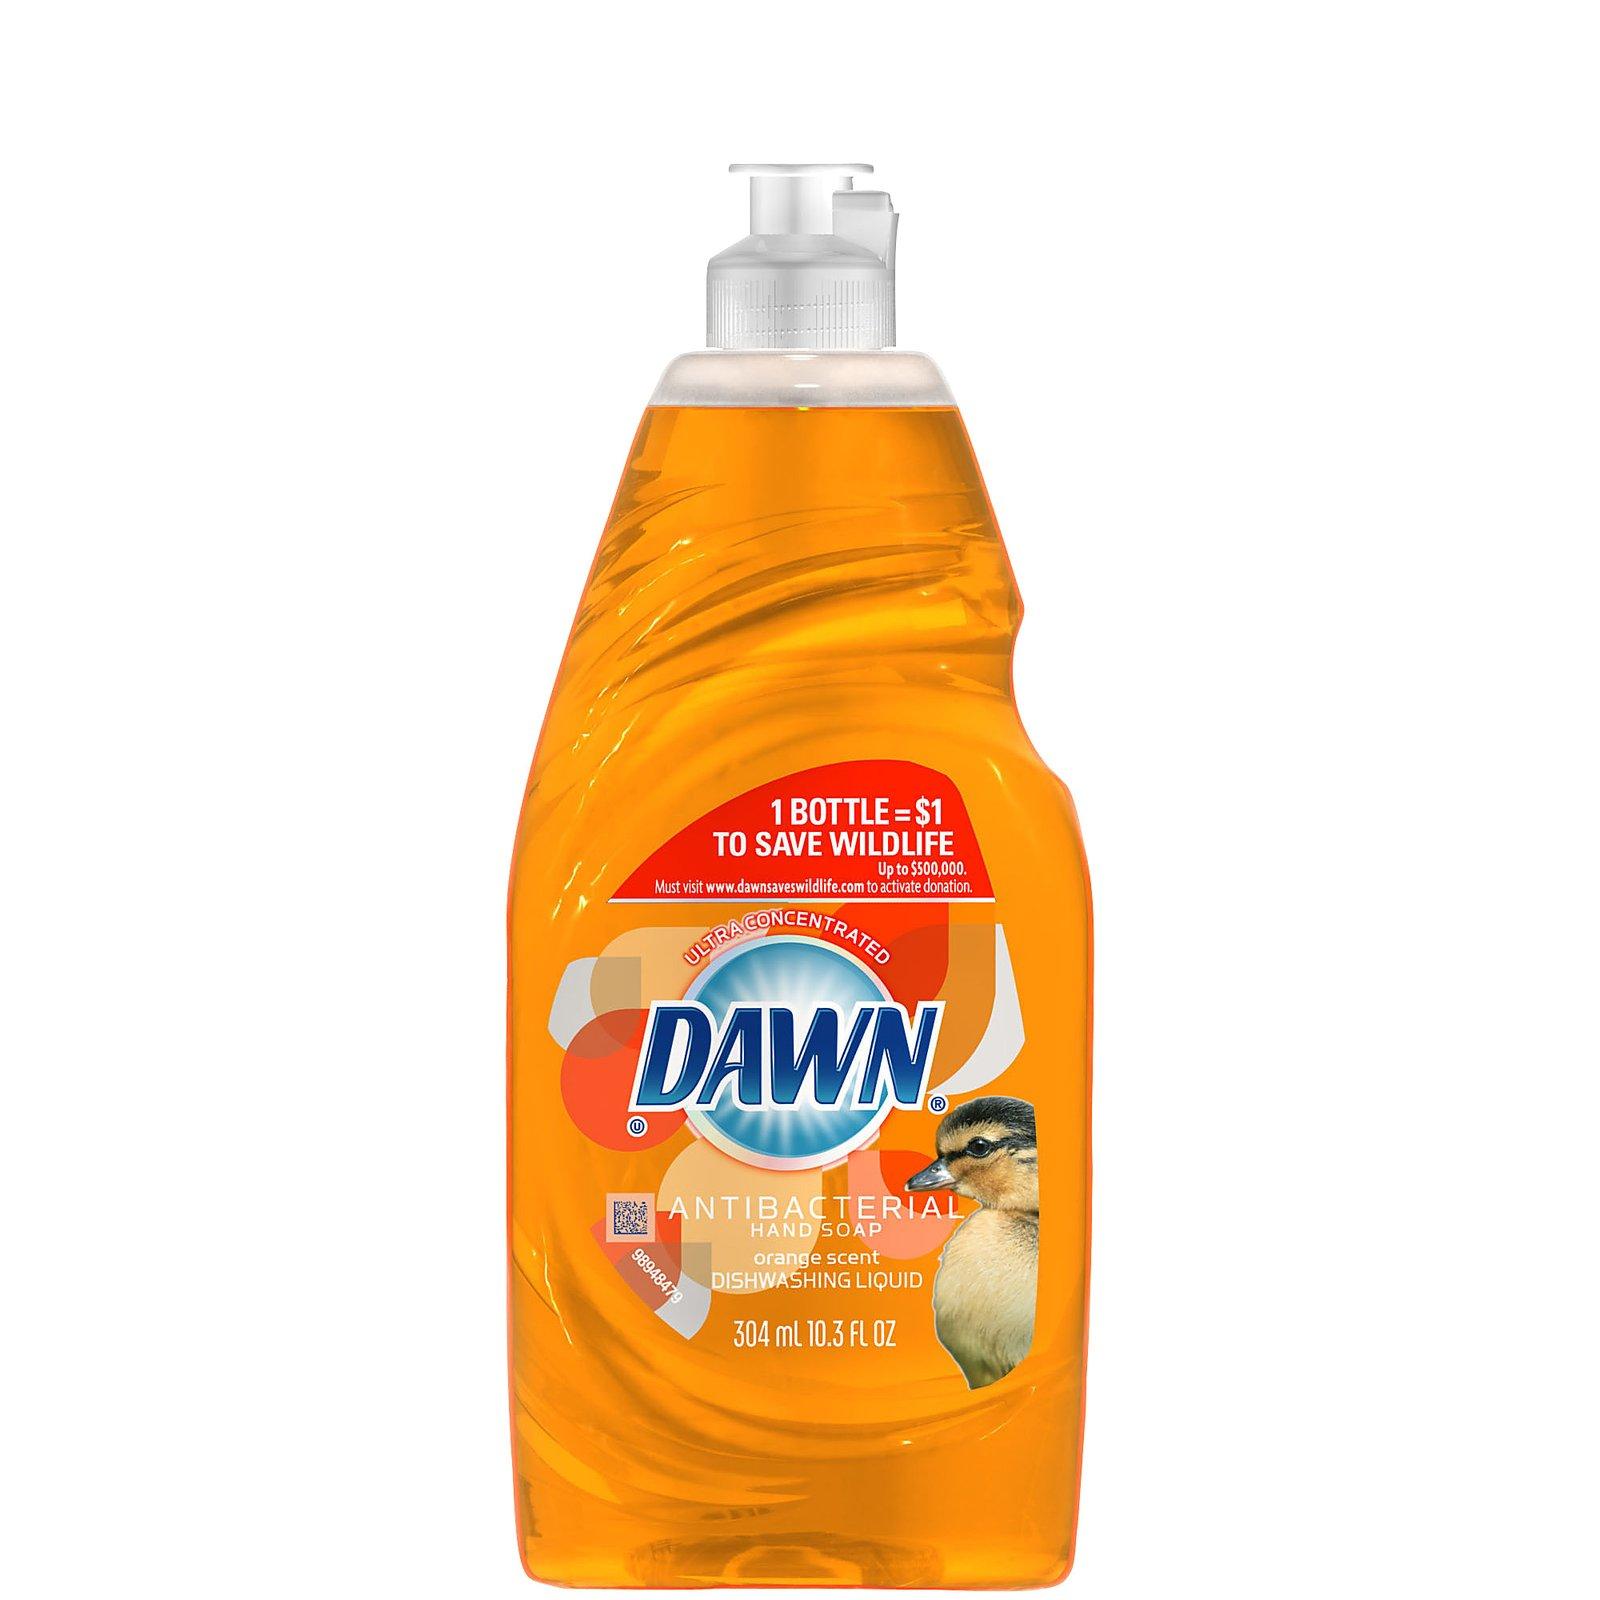 Washing A Car With Dawn Dish Soap